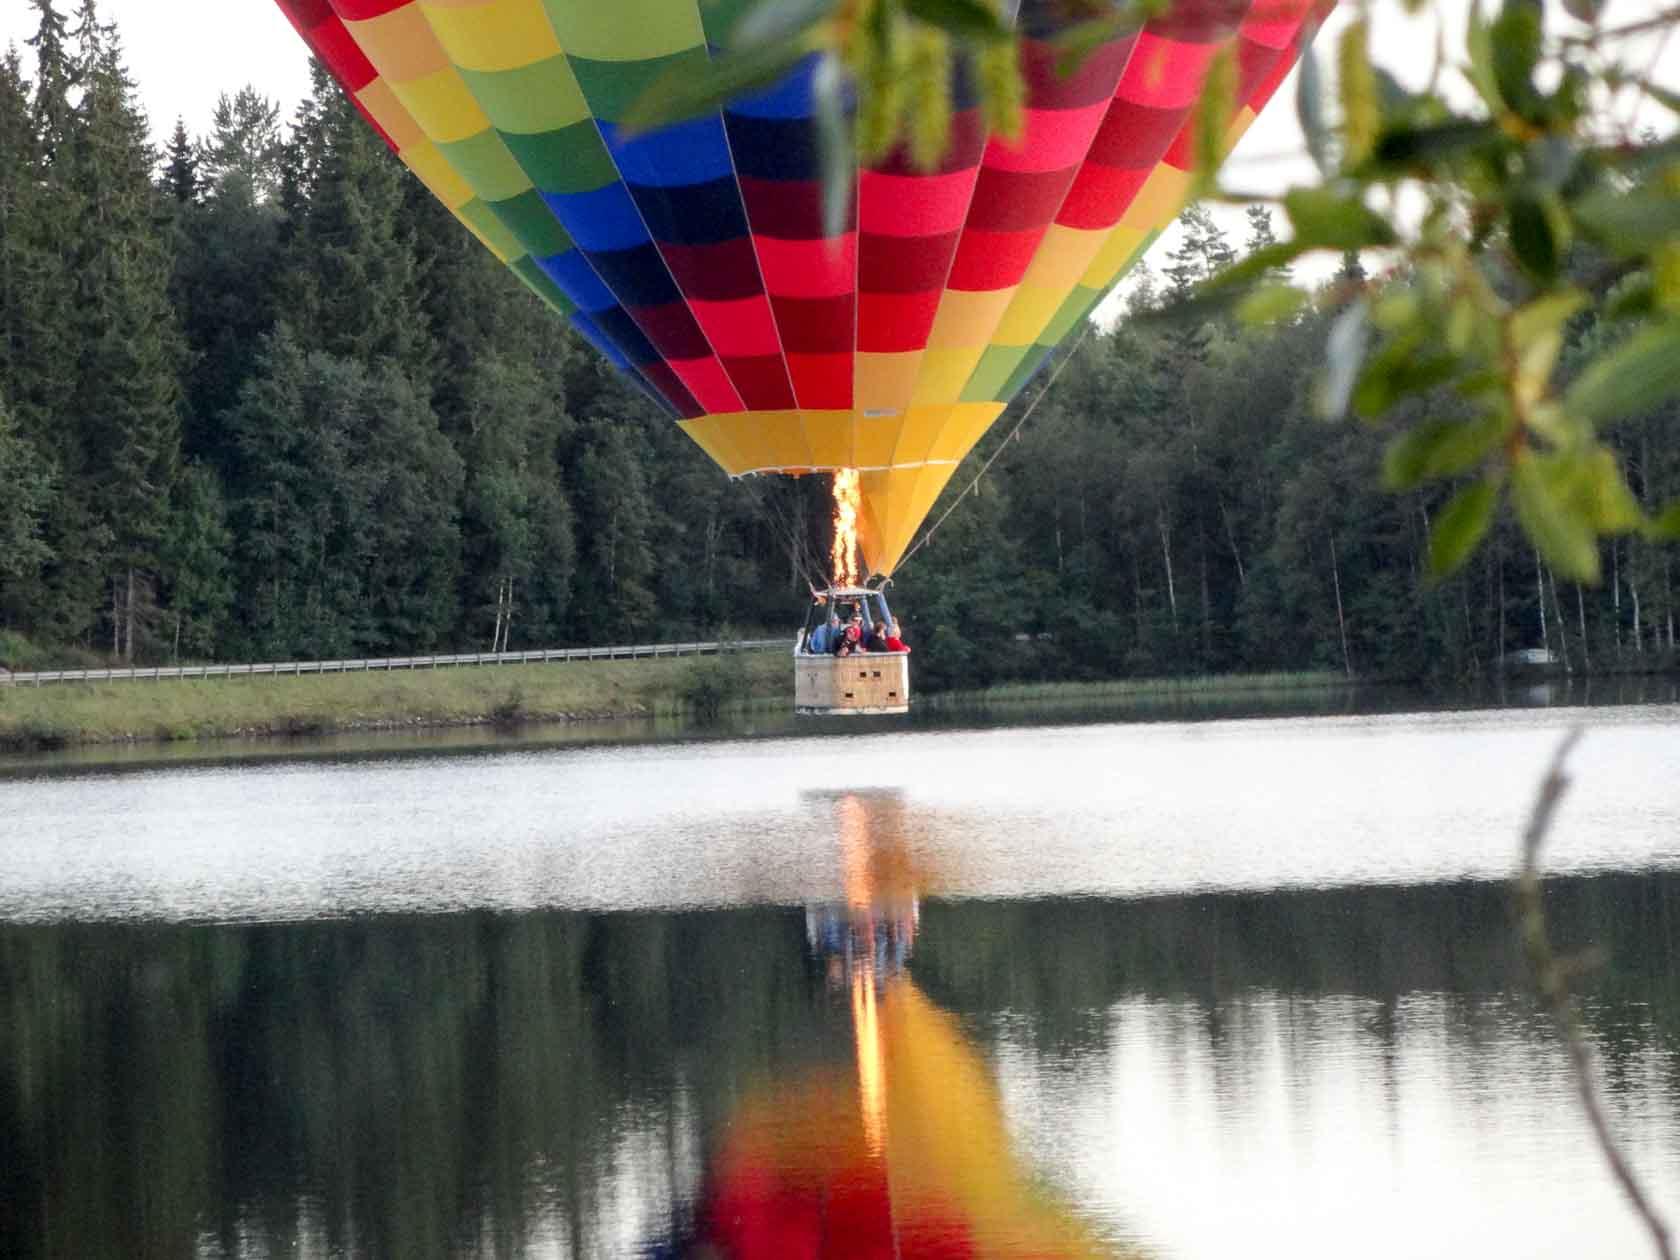 Flyg-ballong-049